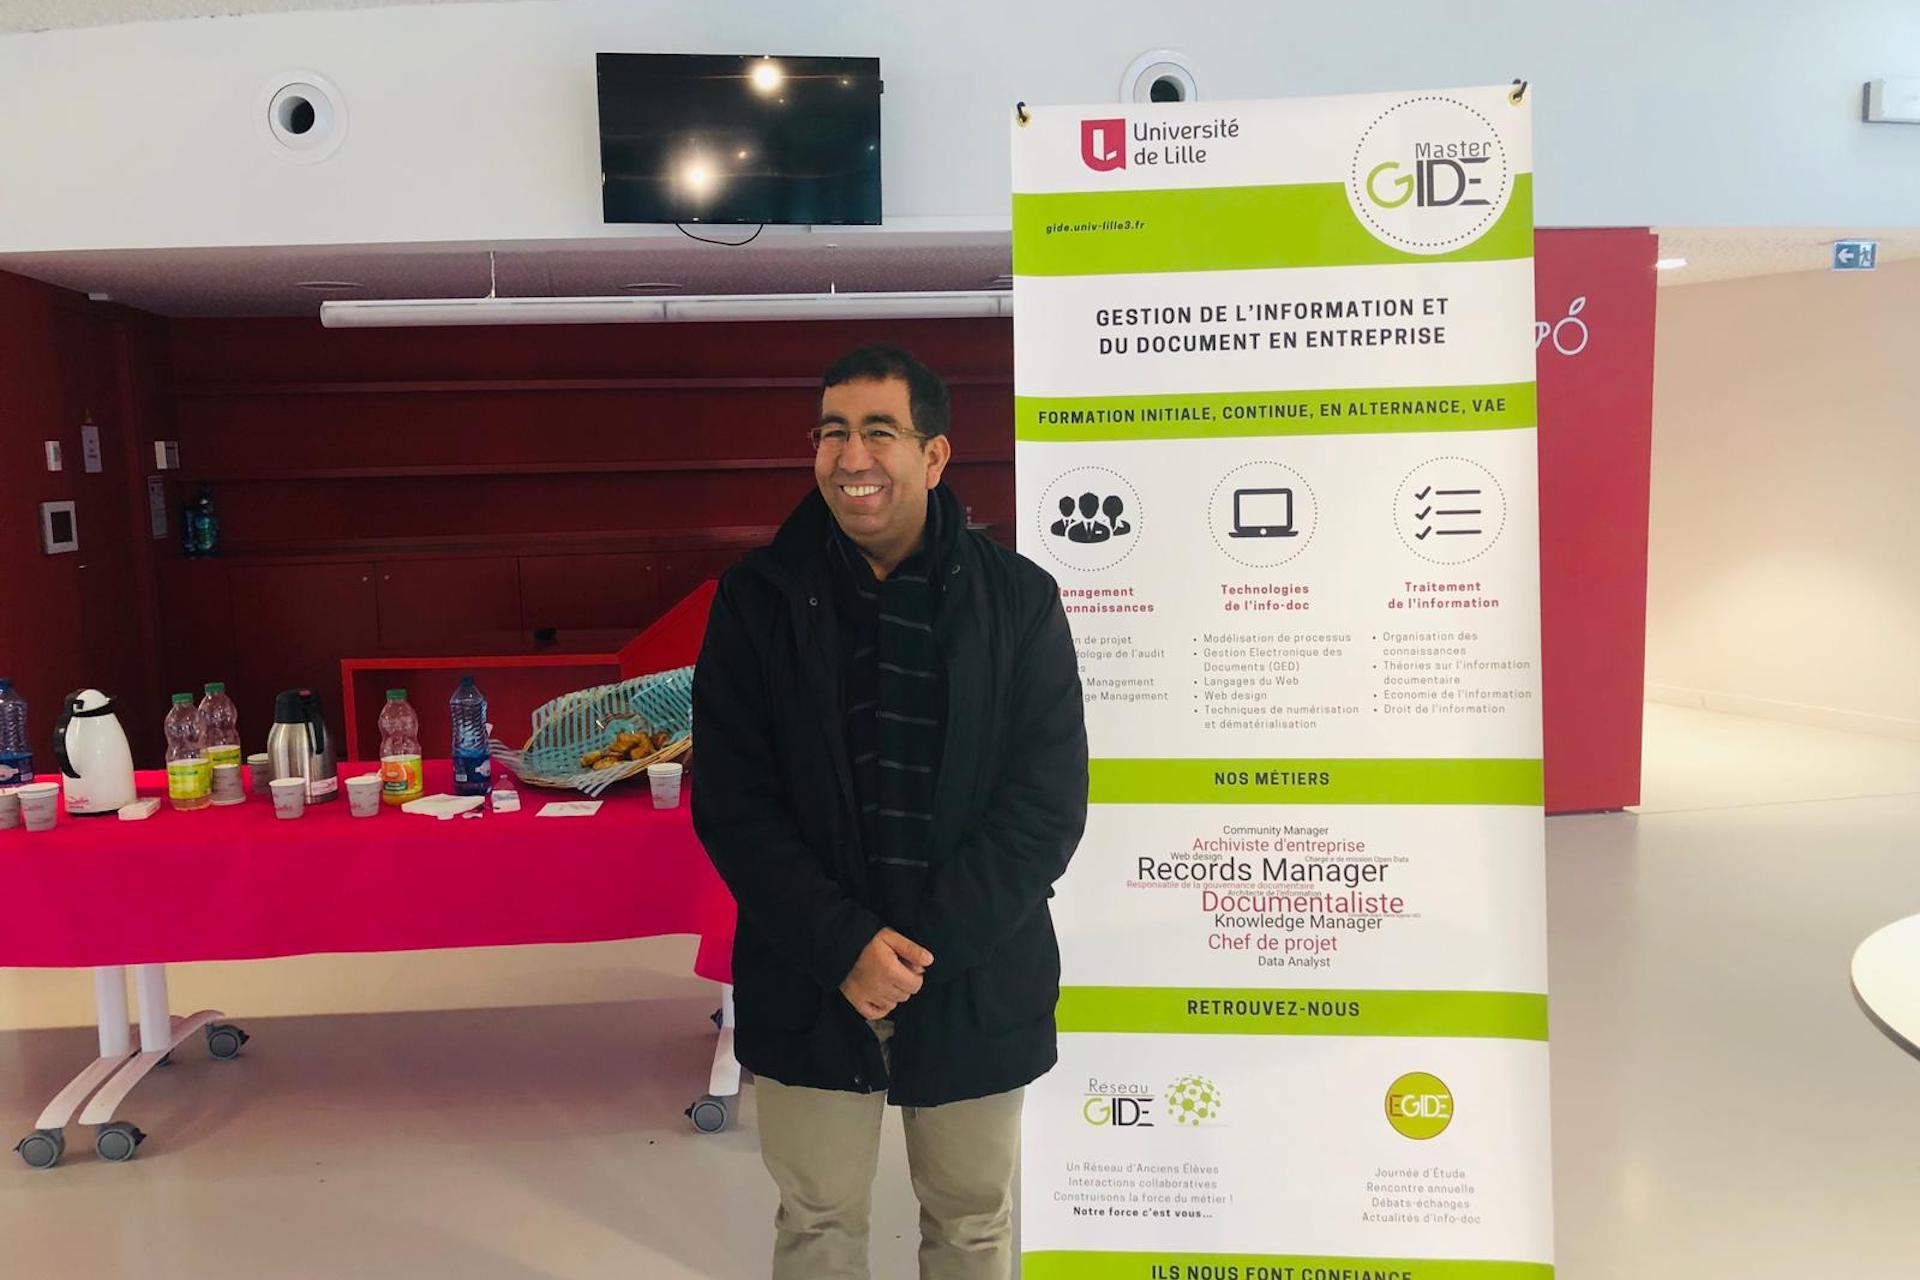 Ismail Timimi à la journée EGIDE'19